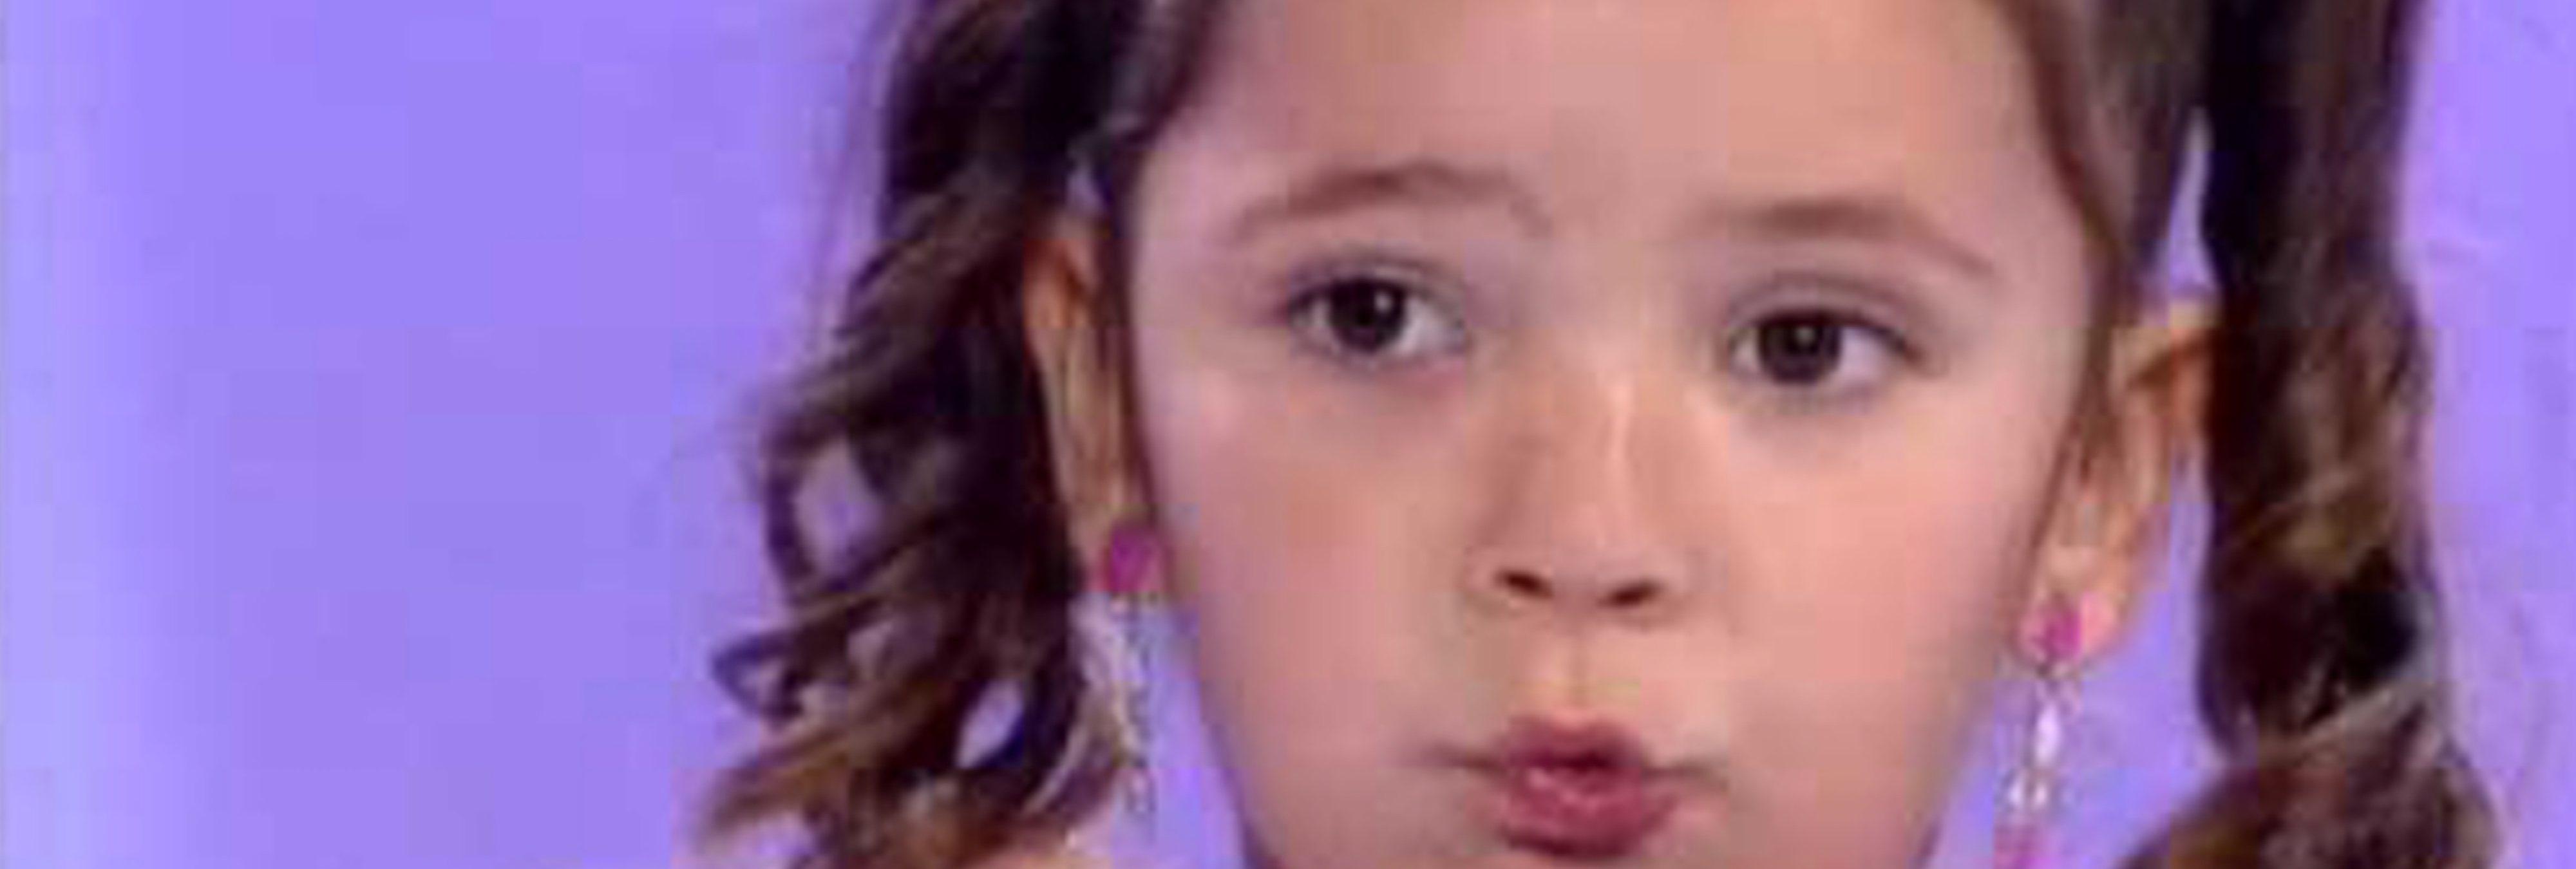 ¿Qué fue de María, la niña del pompón de Canal Sur que ardió las redes?